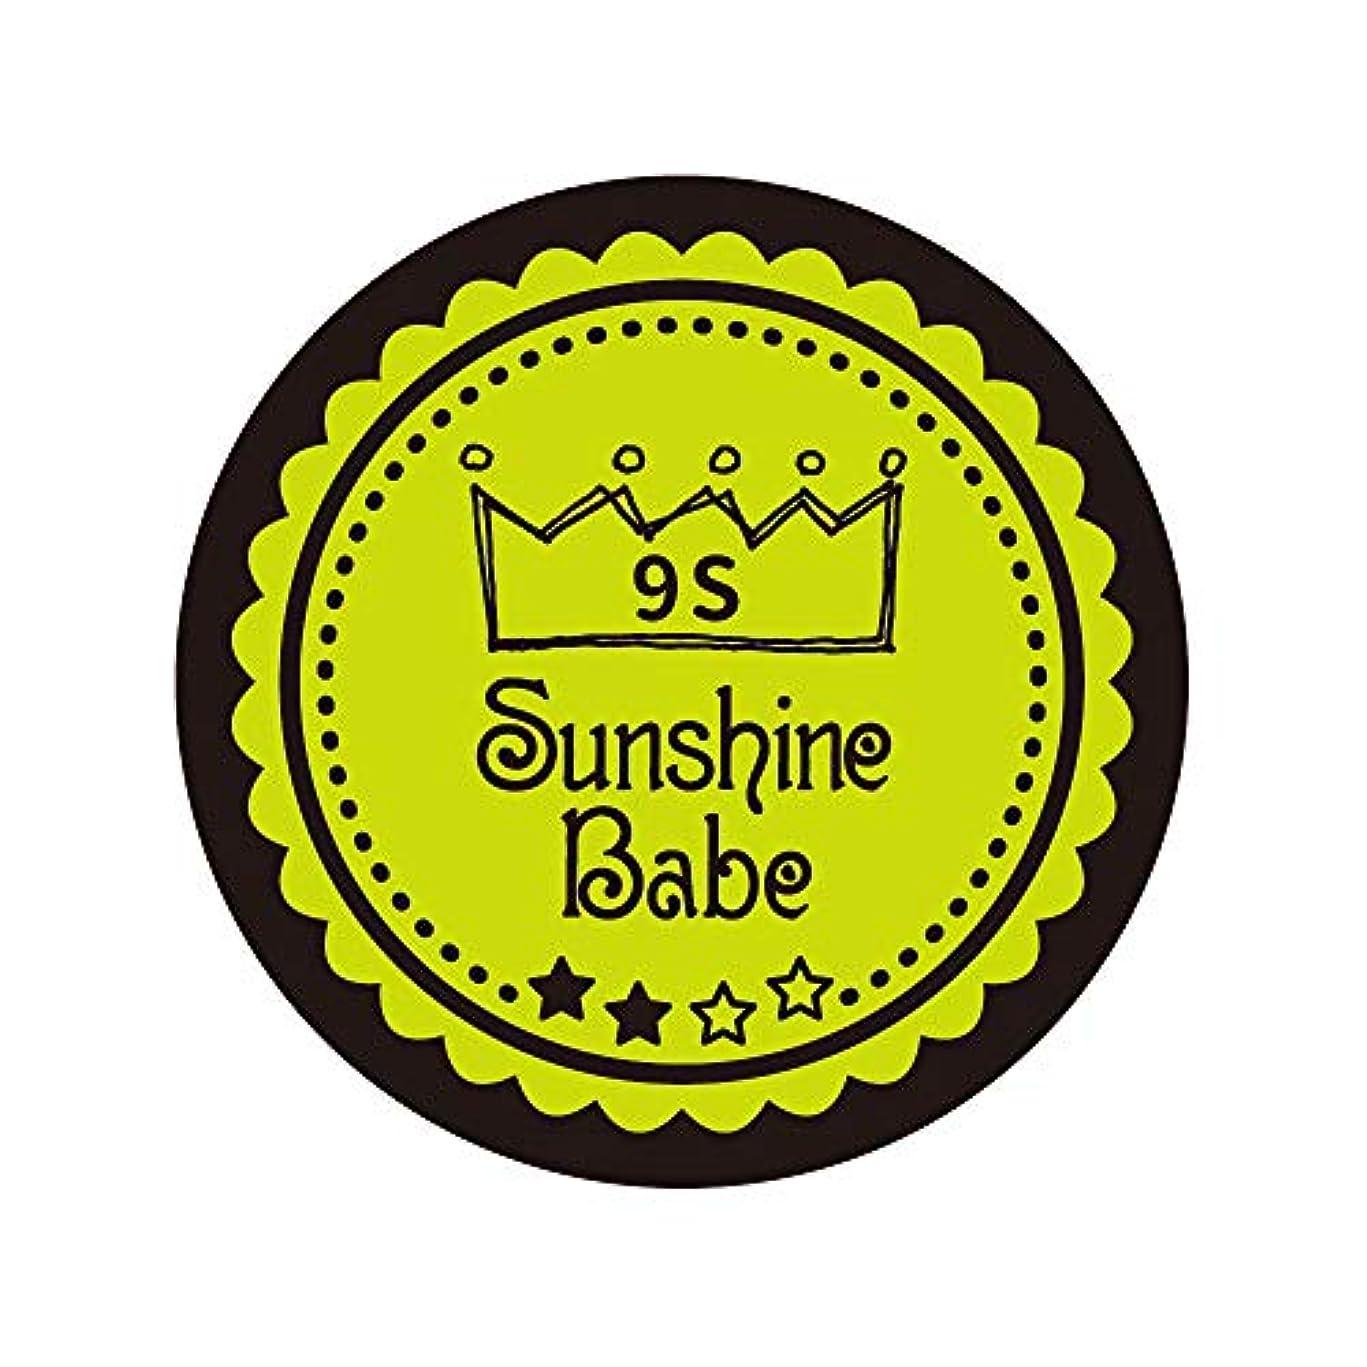 狂人市民邪魔Sunshine Babe カラージェル 9S ライムパンチ 2.7g UV/LED対応